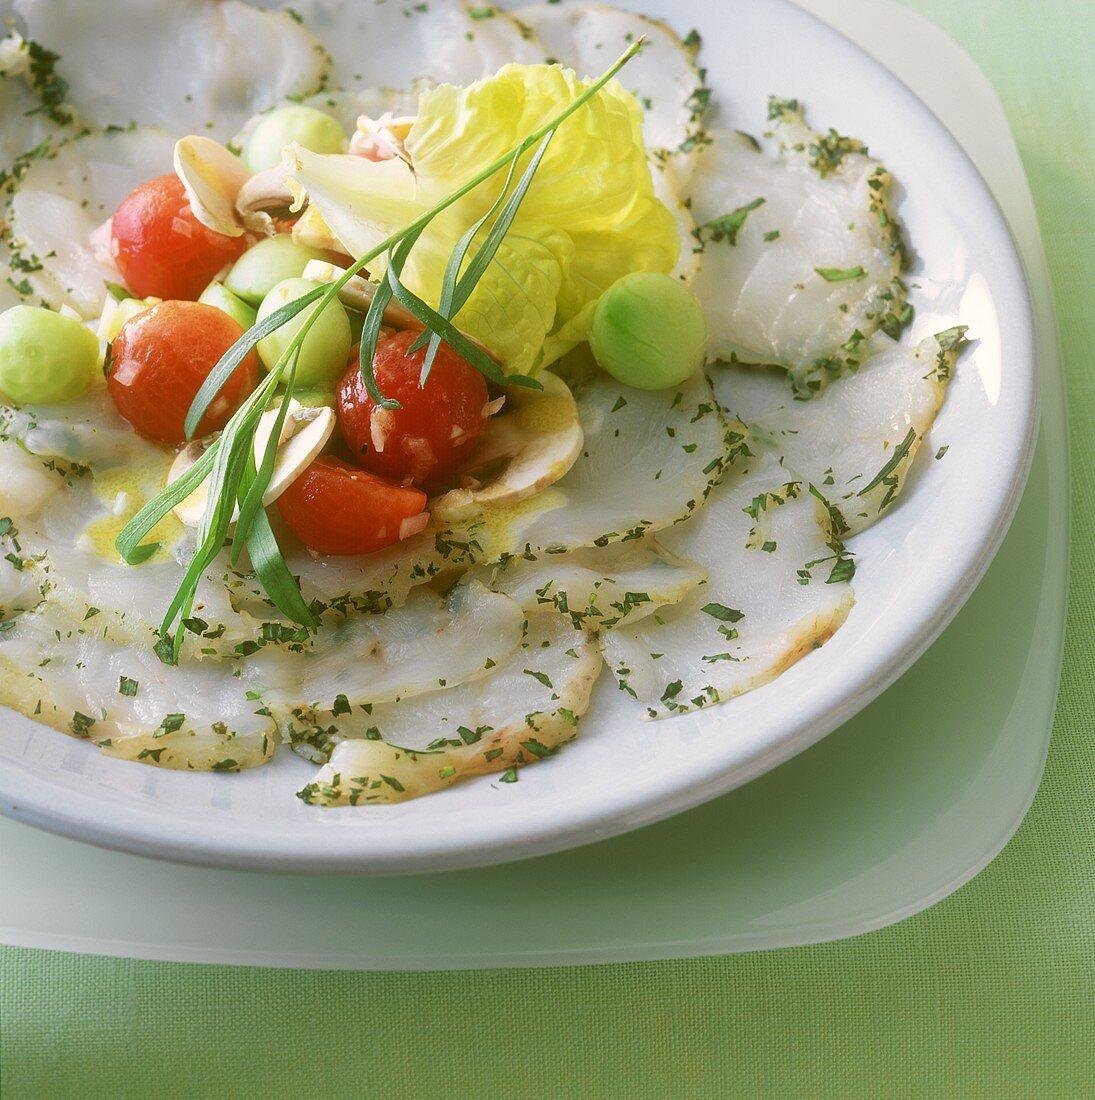 Carpaccio salad with monkfish